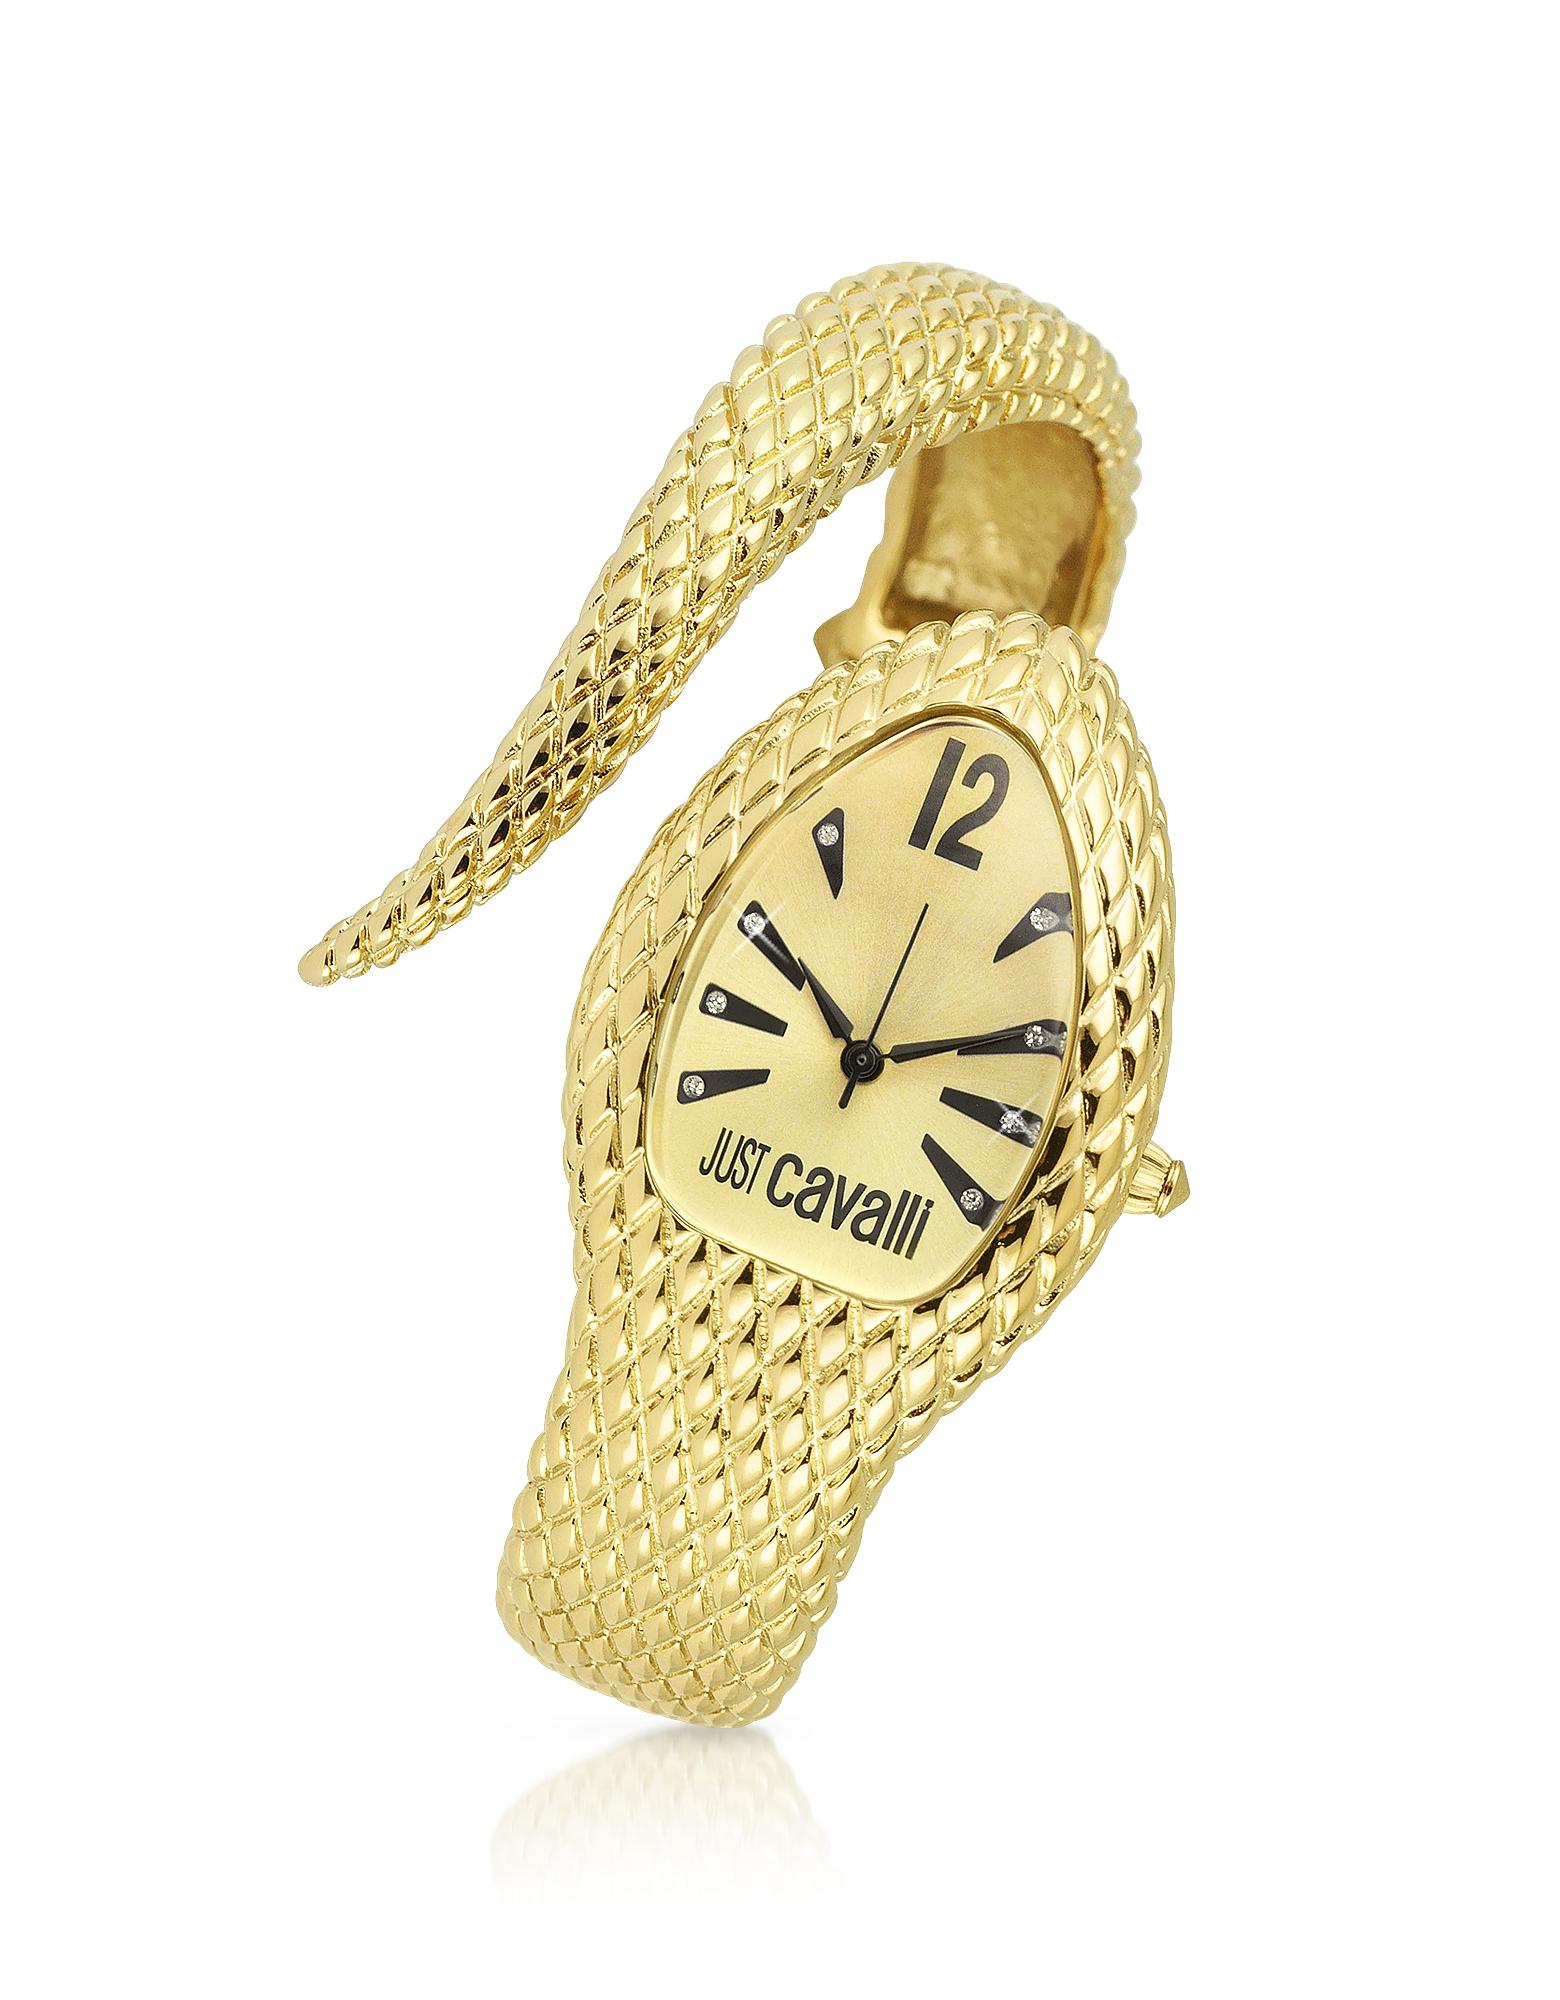 Poison - Часы с Золотистым Браслетом- Змеей